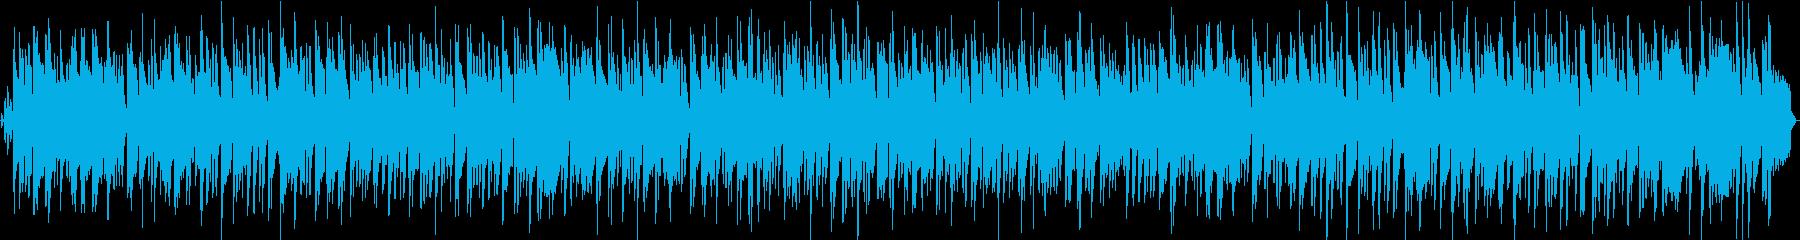 いろいろな動画に使えるゆったりボサノヴァの再生済みの波形